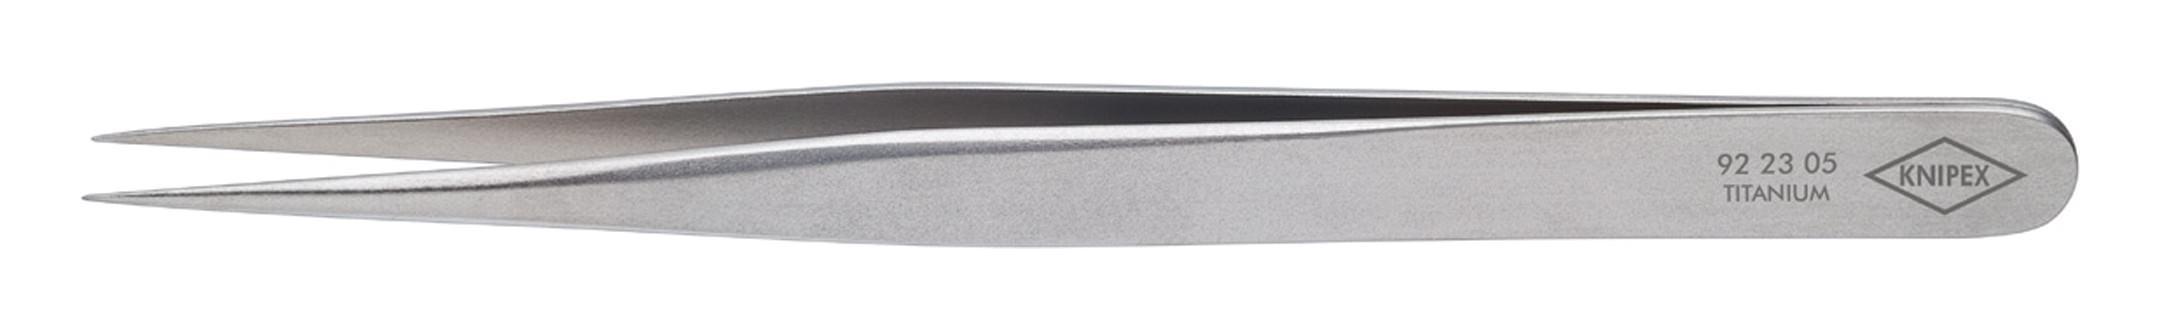 Knipex Präzisions-Pinzette spitz 120mm Titan - 92 23 05